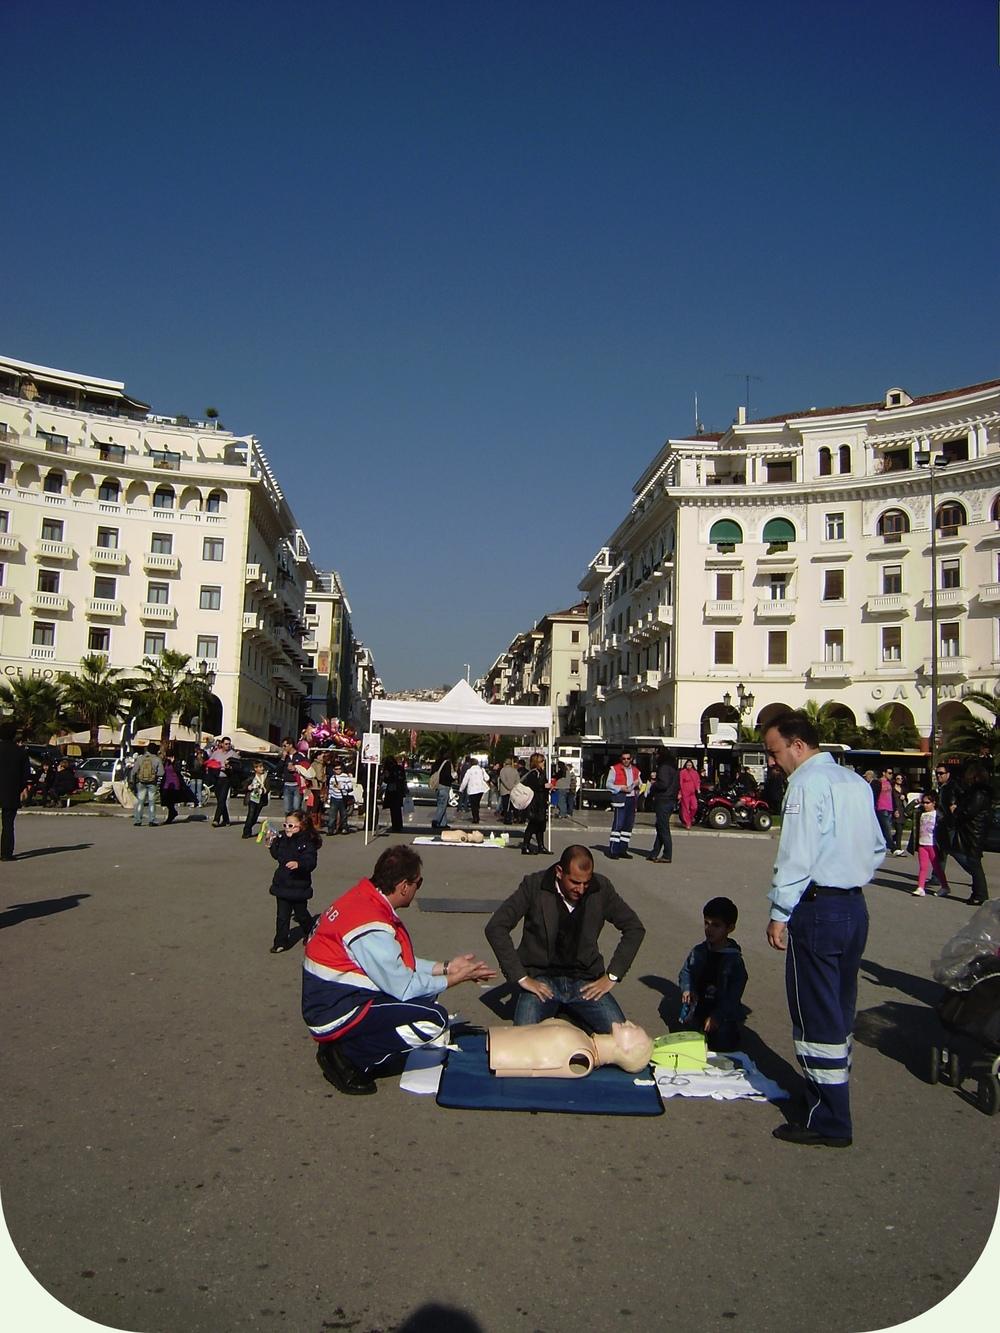 Θεσσαλονίκη, λίγο πριν τις εκλογές